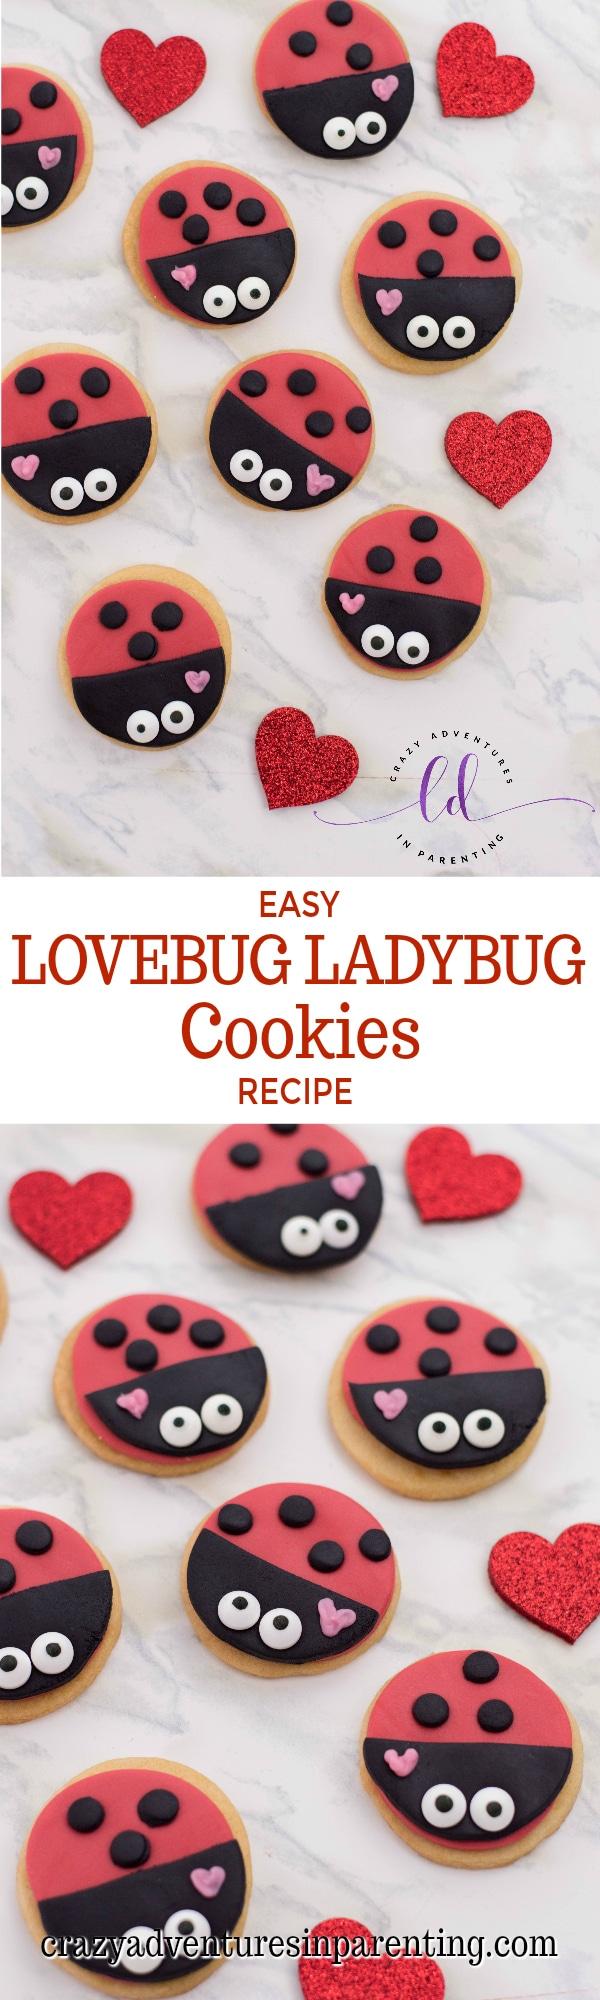 Easy Lovebug Ladybug Cookies Recipe